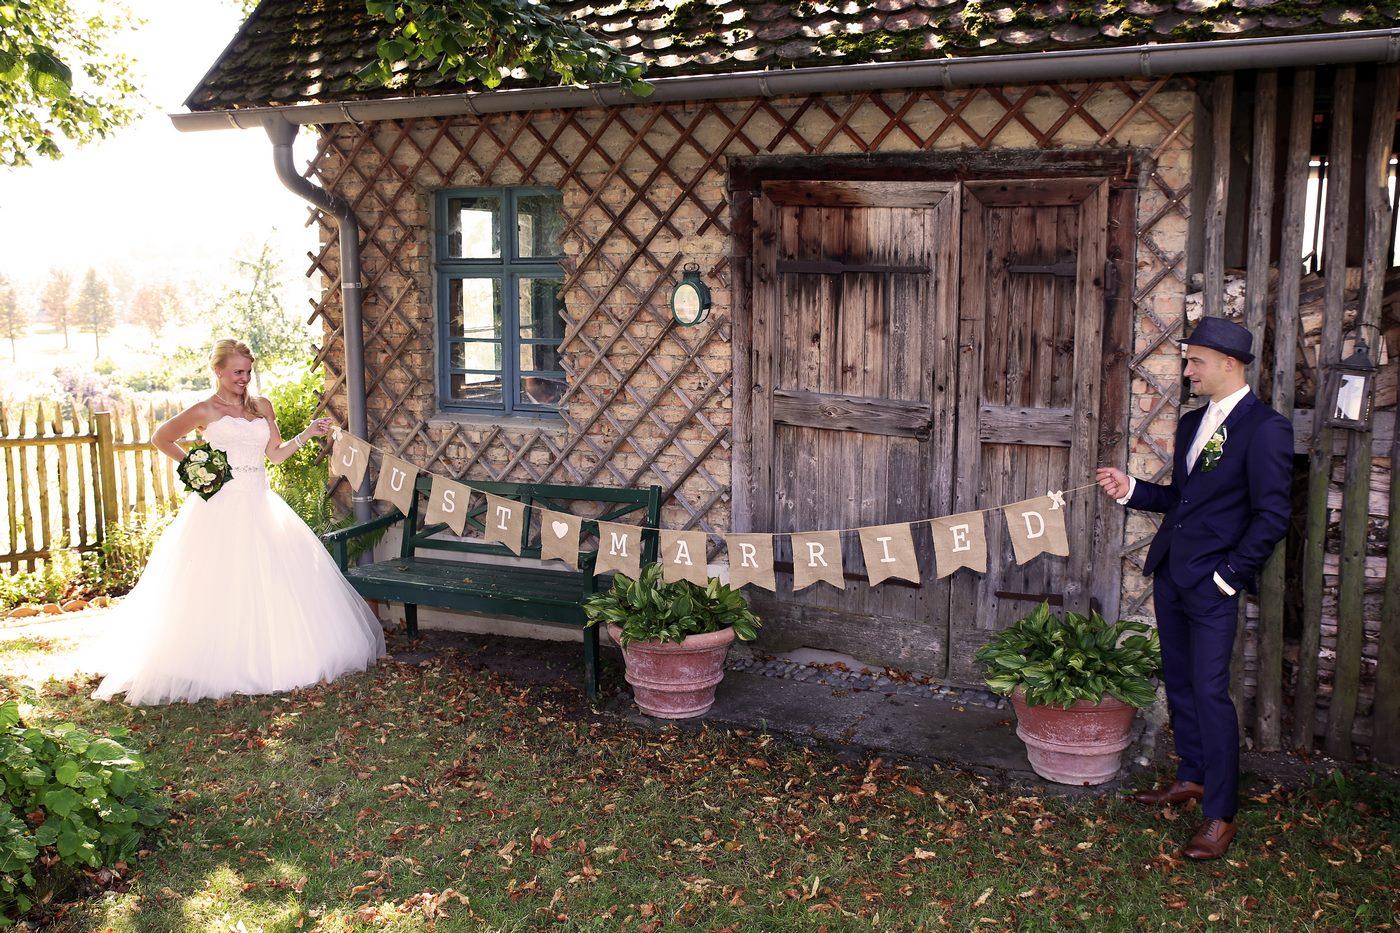 Just married Jute Fahne vor Jagdhütte